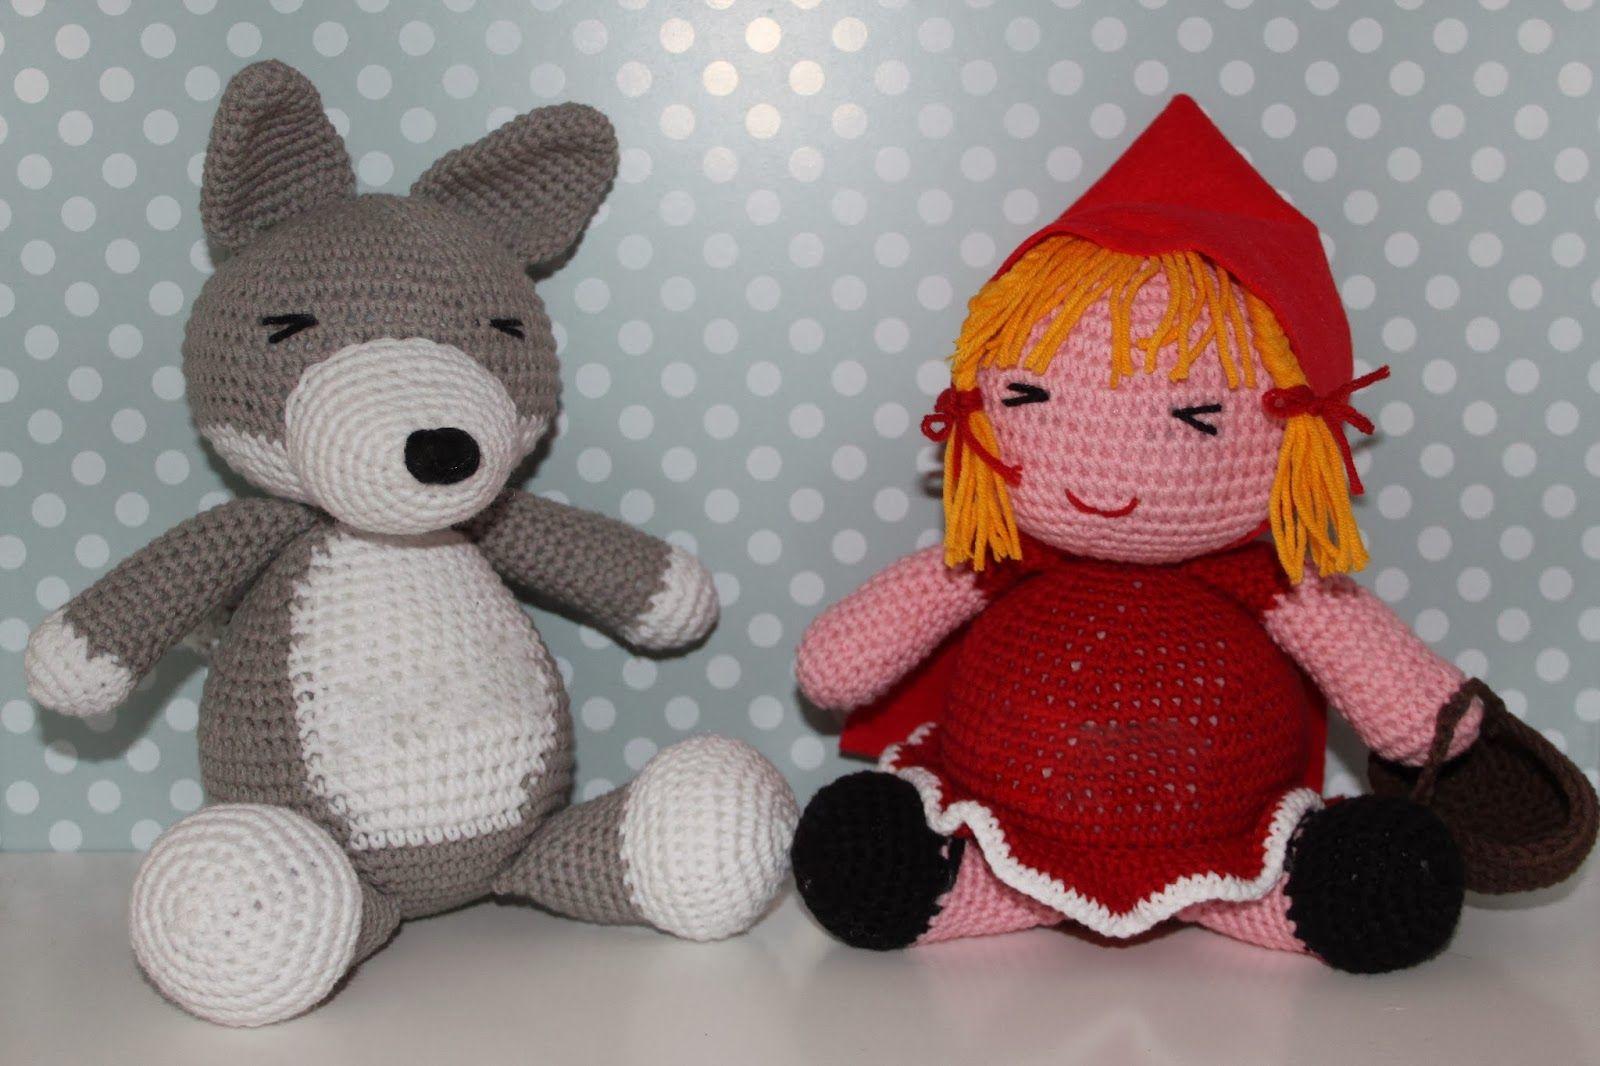 Amigurumi Crochet Personajes : Caperucita y el lobo personajes cuento amigurumi cute and